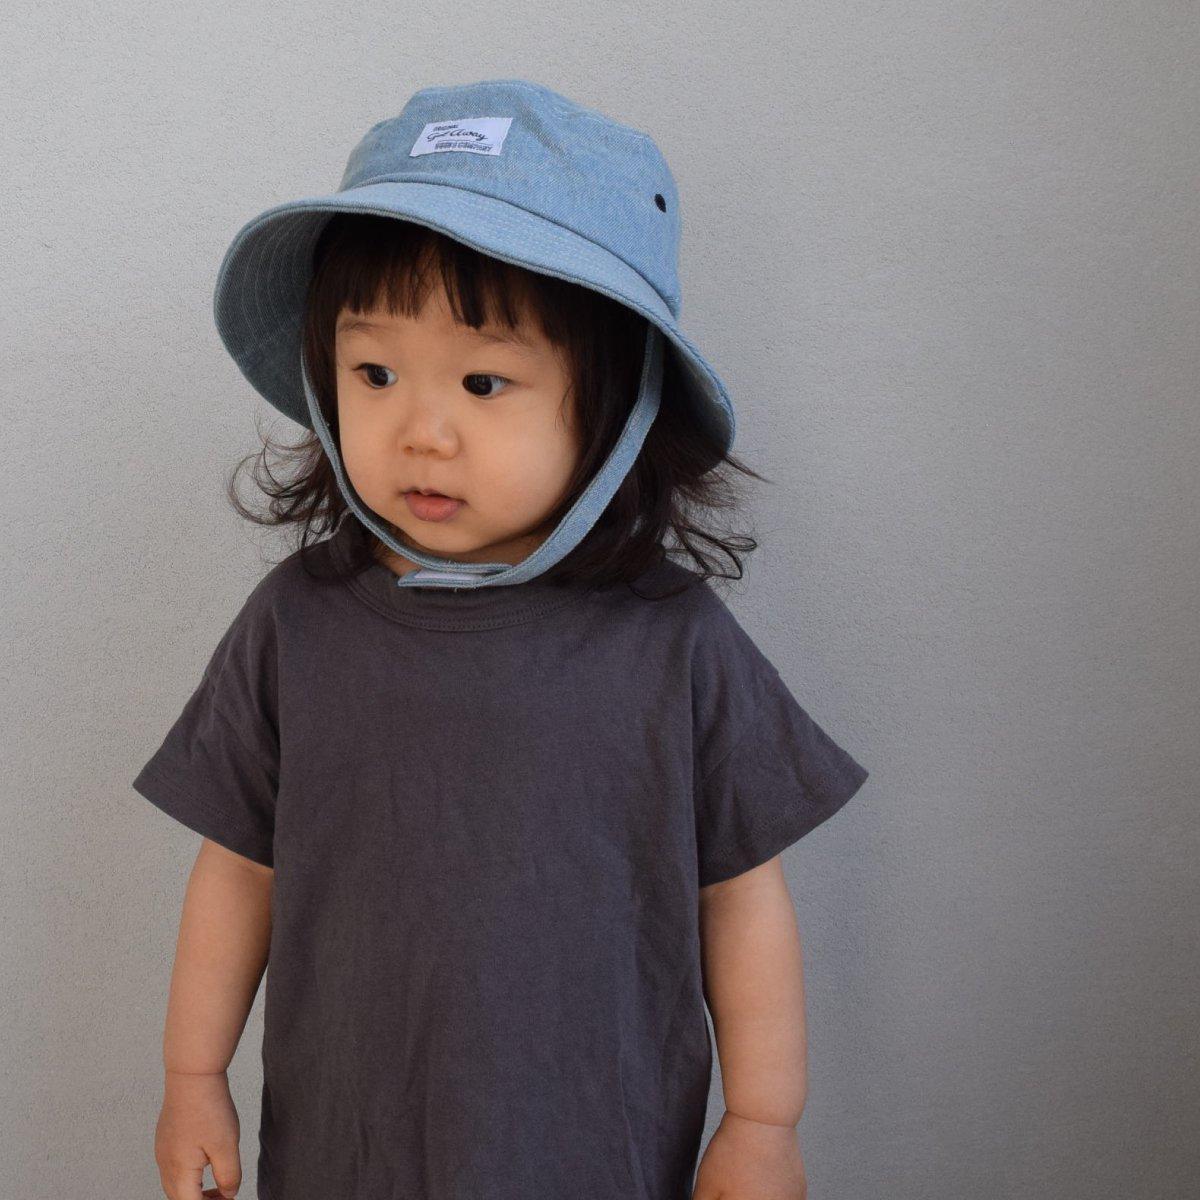 【BABY】Denim Wash Hat 詳細画像14